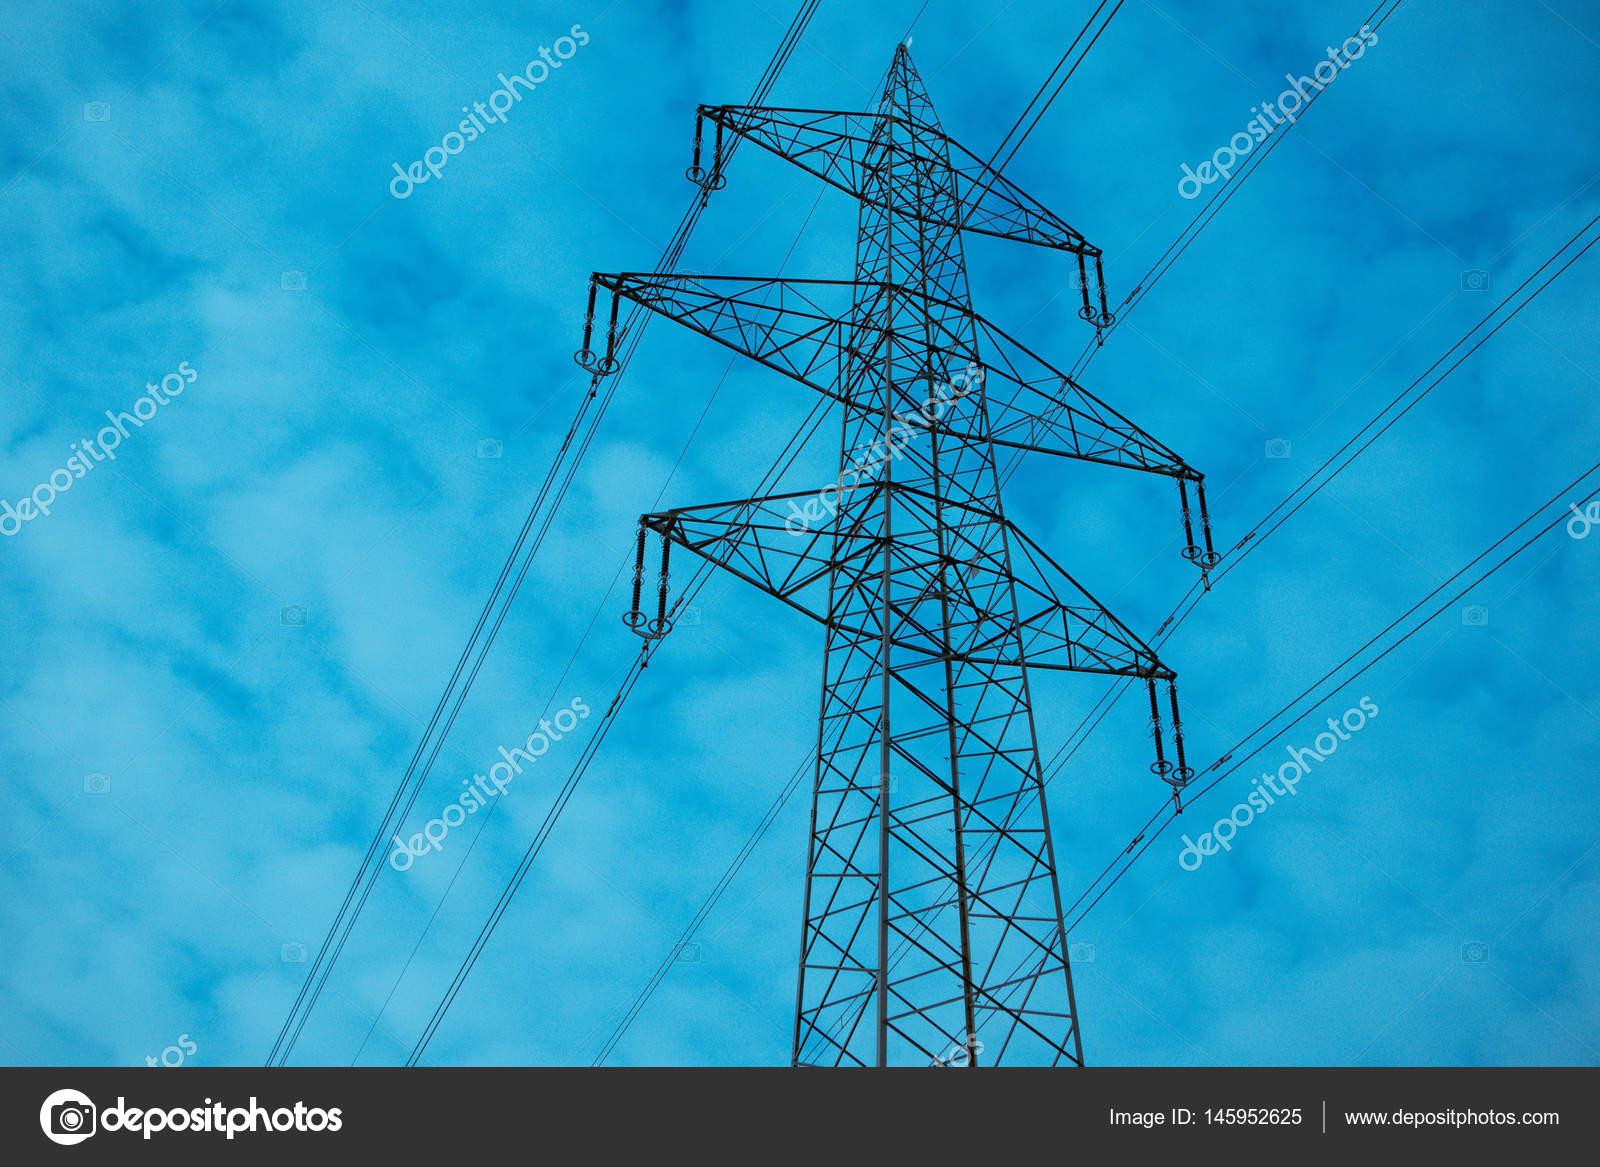 ένα ισχυρό ηλεκτρικό ρεύμα υψηλής τάσης πύργο με σύρματα ... 5d6cc722d39